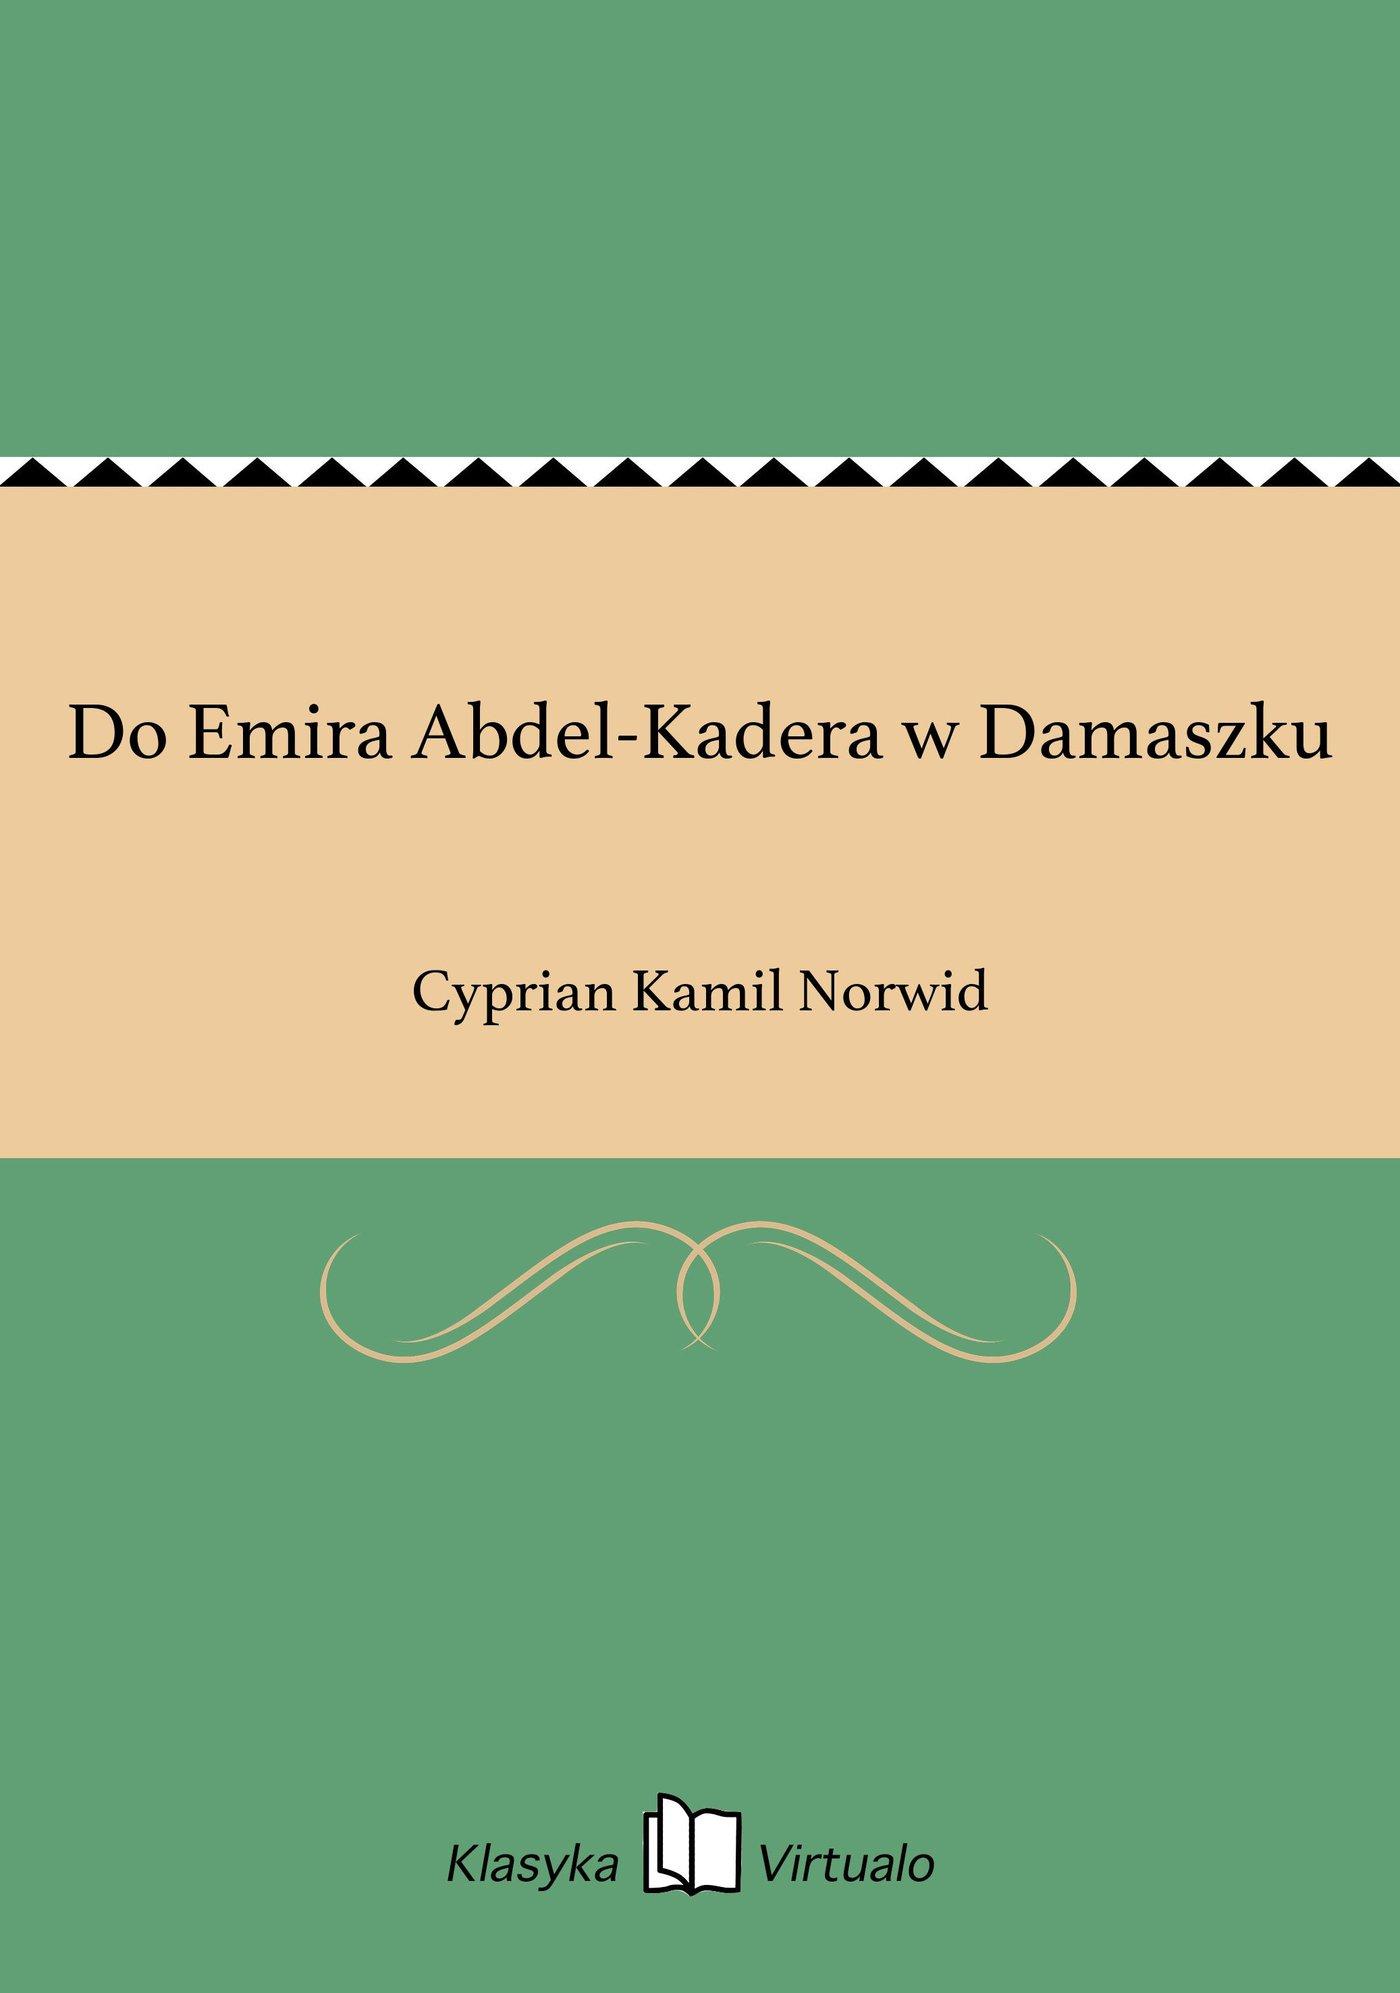 Do Emira Abdel-Kadera w Damaszku - Ebook (Książka na Kindle) do pobrania w formacie MOBI